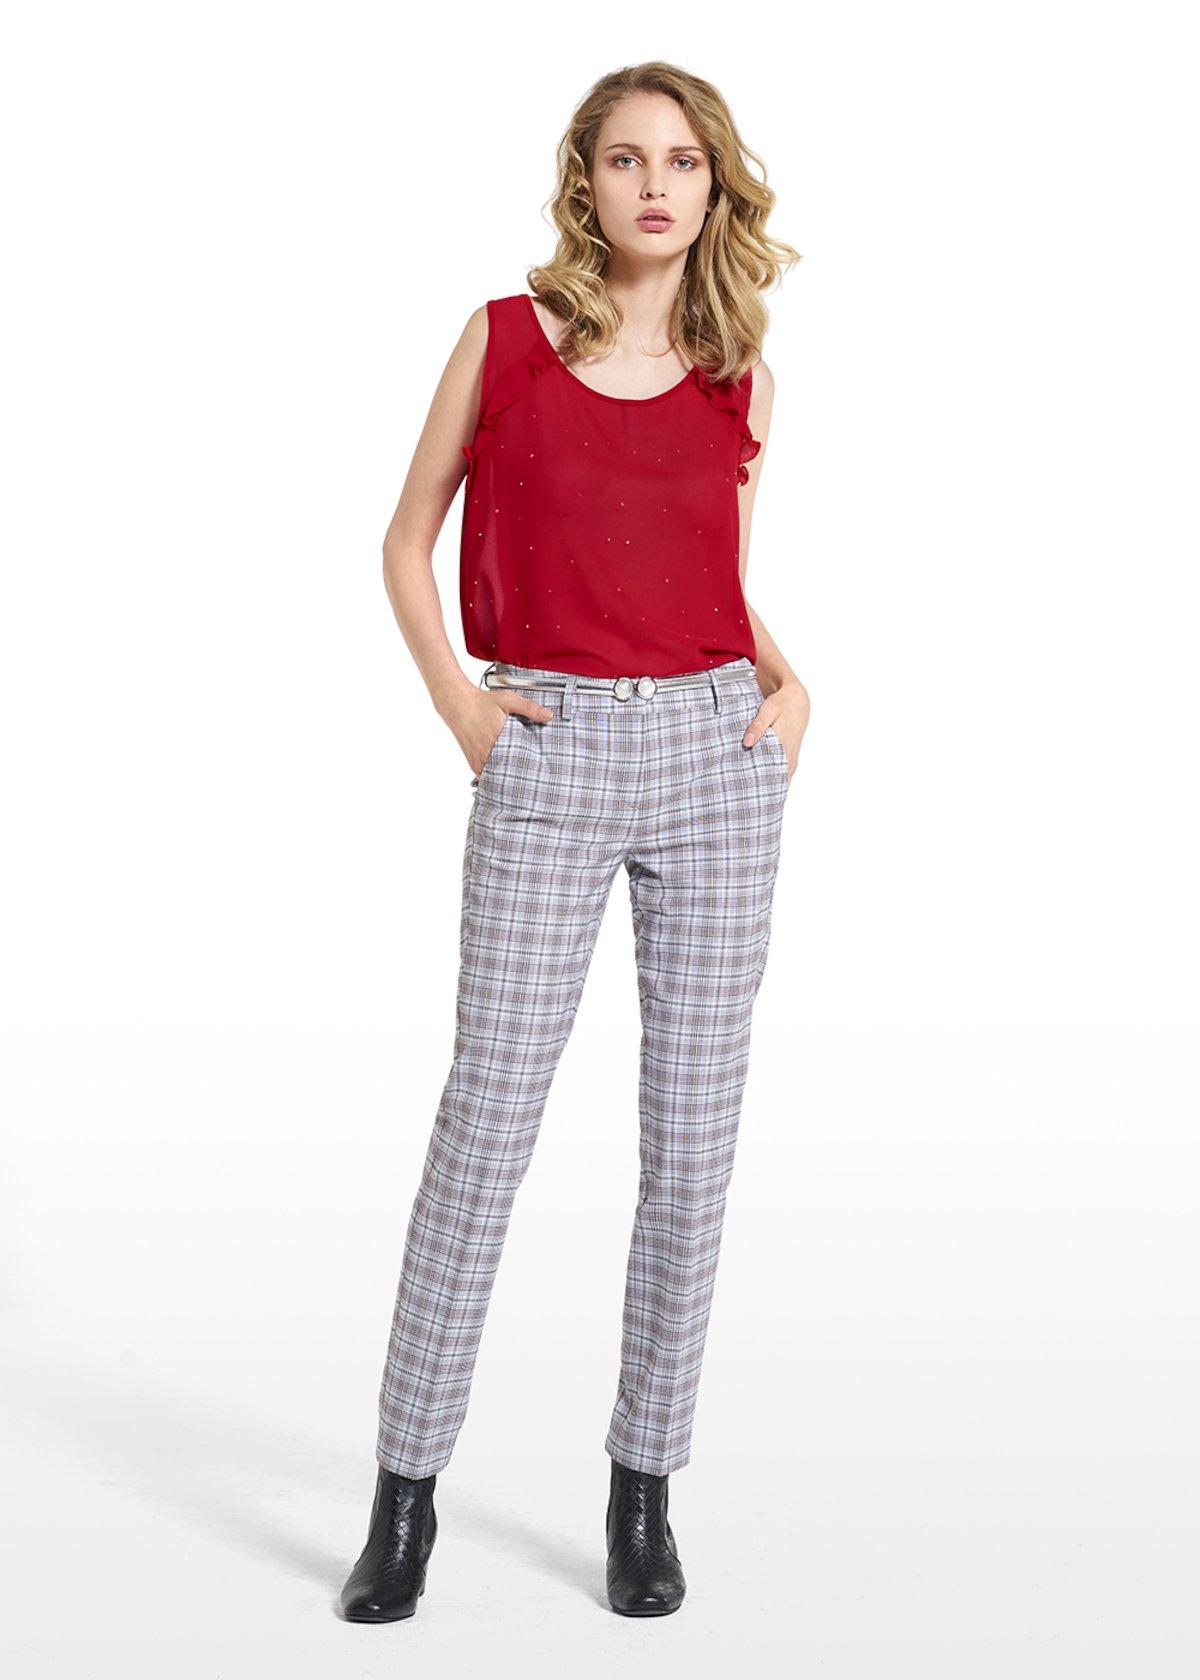 Pantaloni Paride in principe di Galles a gamba slim - Black / White Fantasia - Donna - Immagine categoria